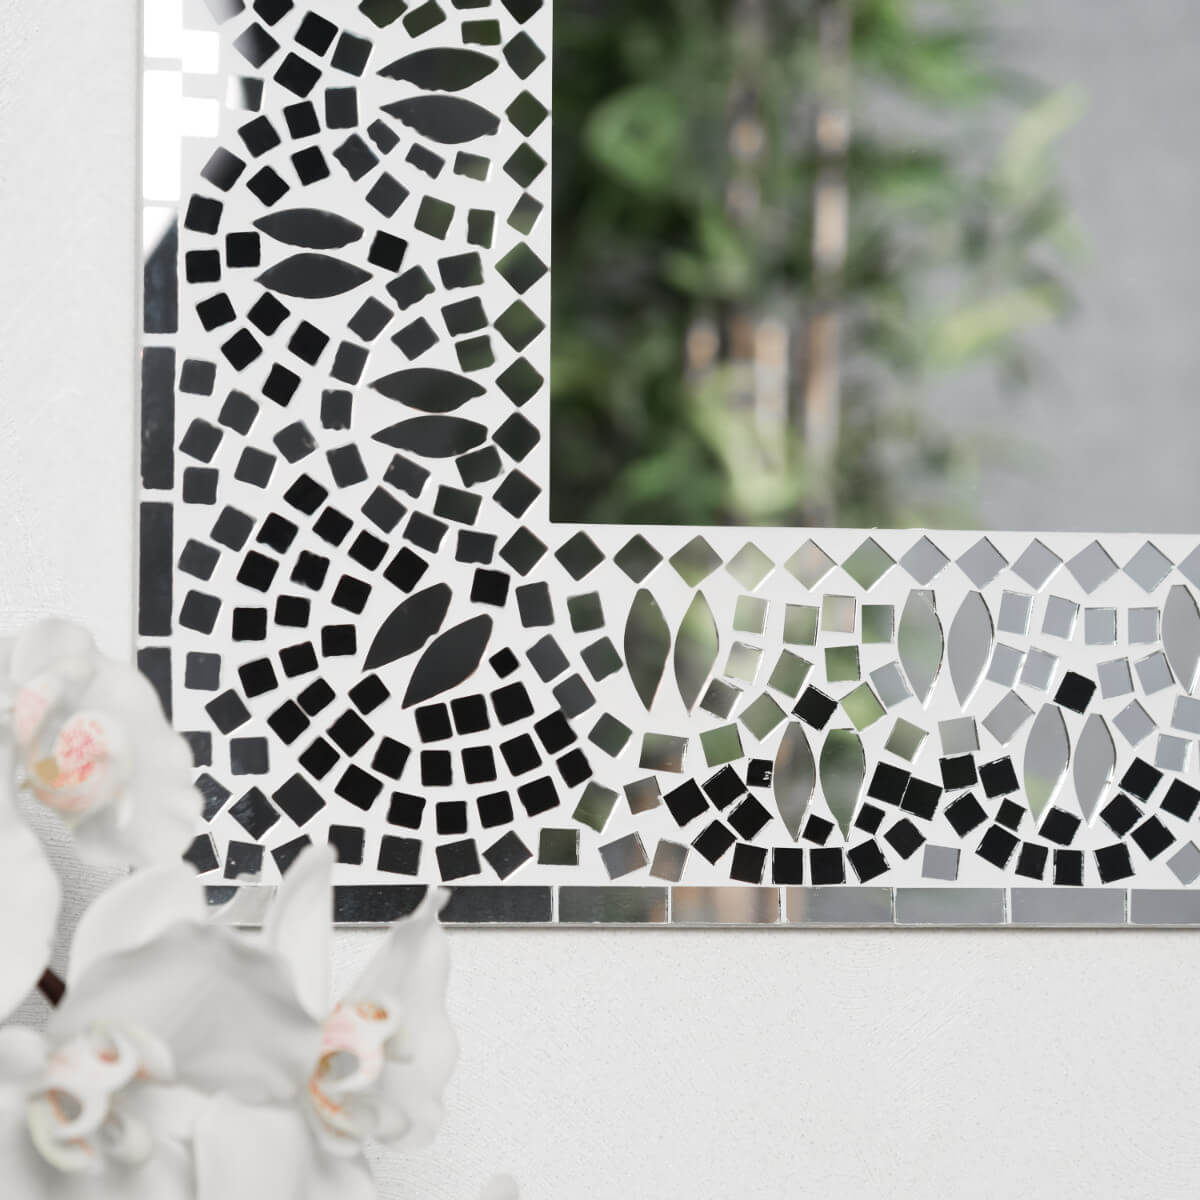 Neuf miroir mosaique design noir et blanc 40cm x 50cm for Miroir mosaique design